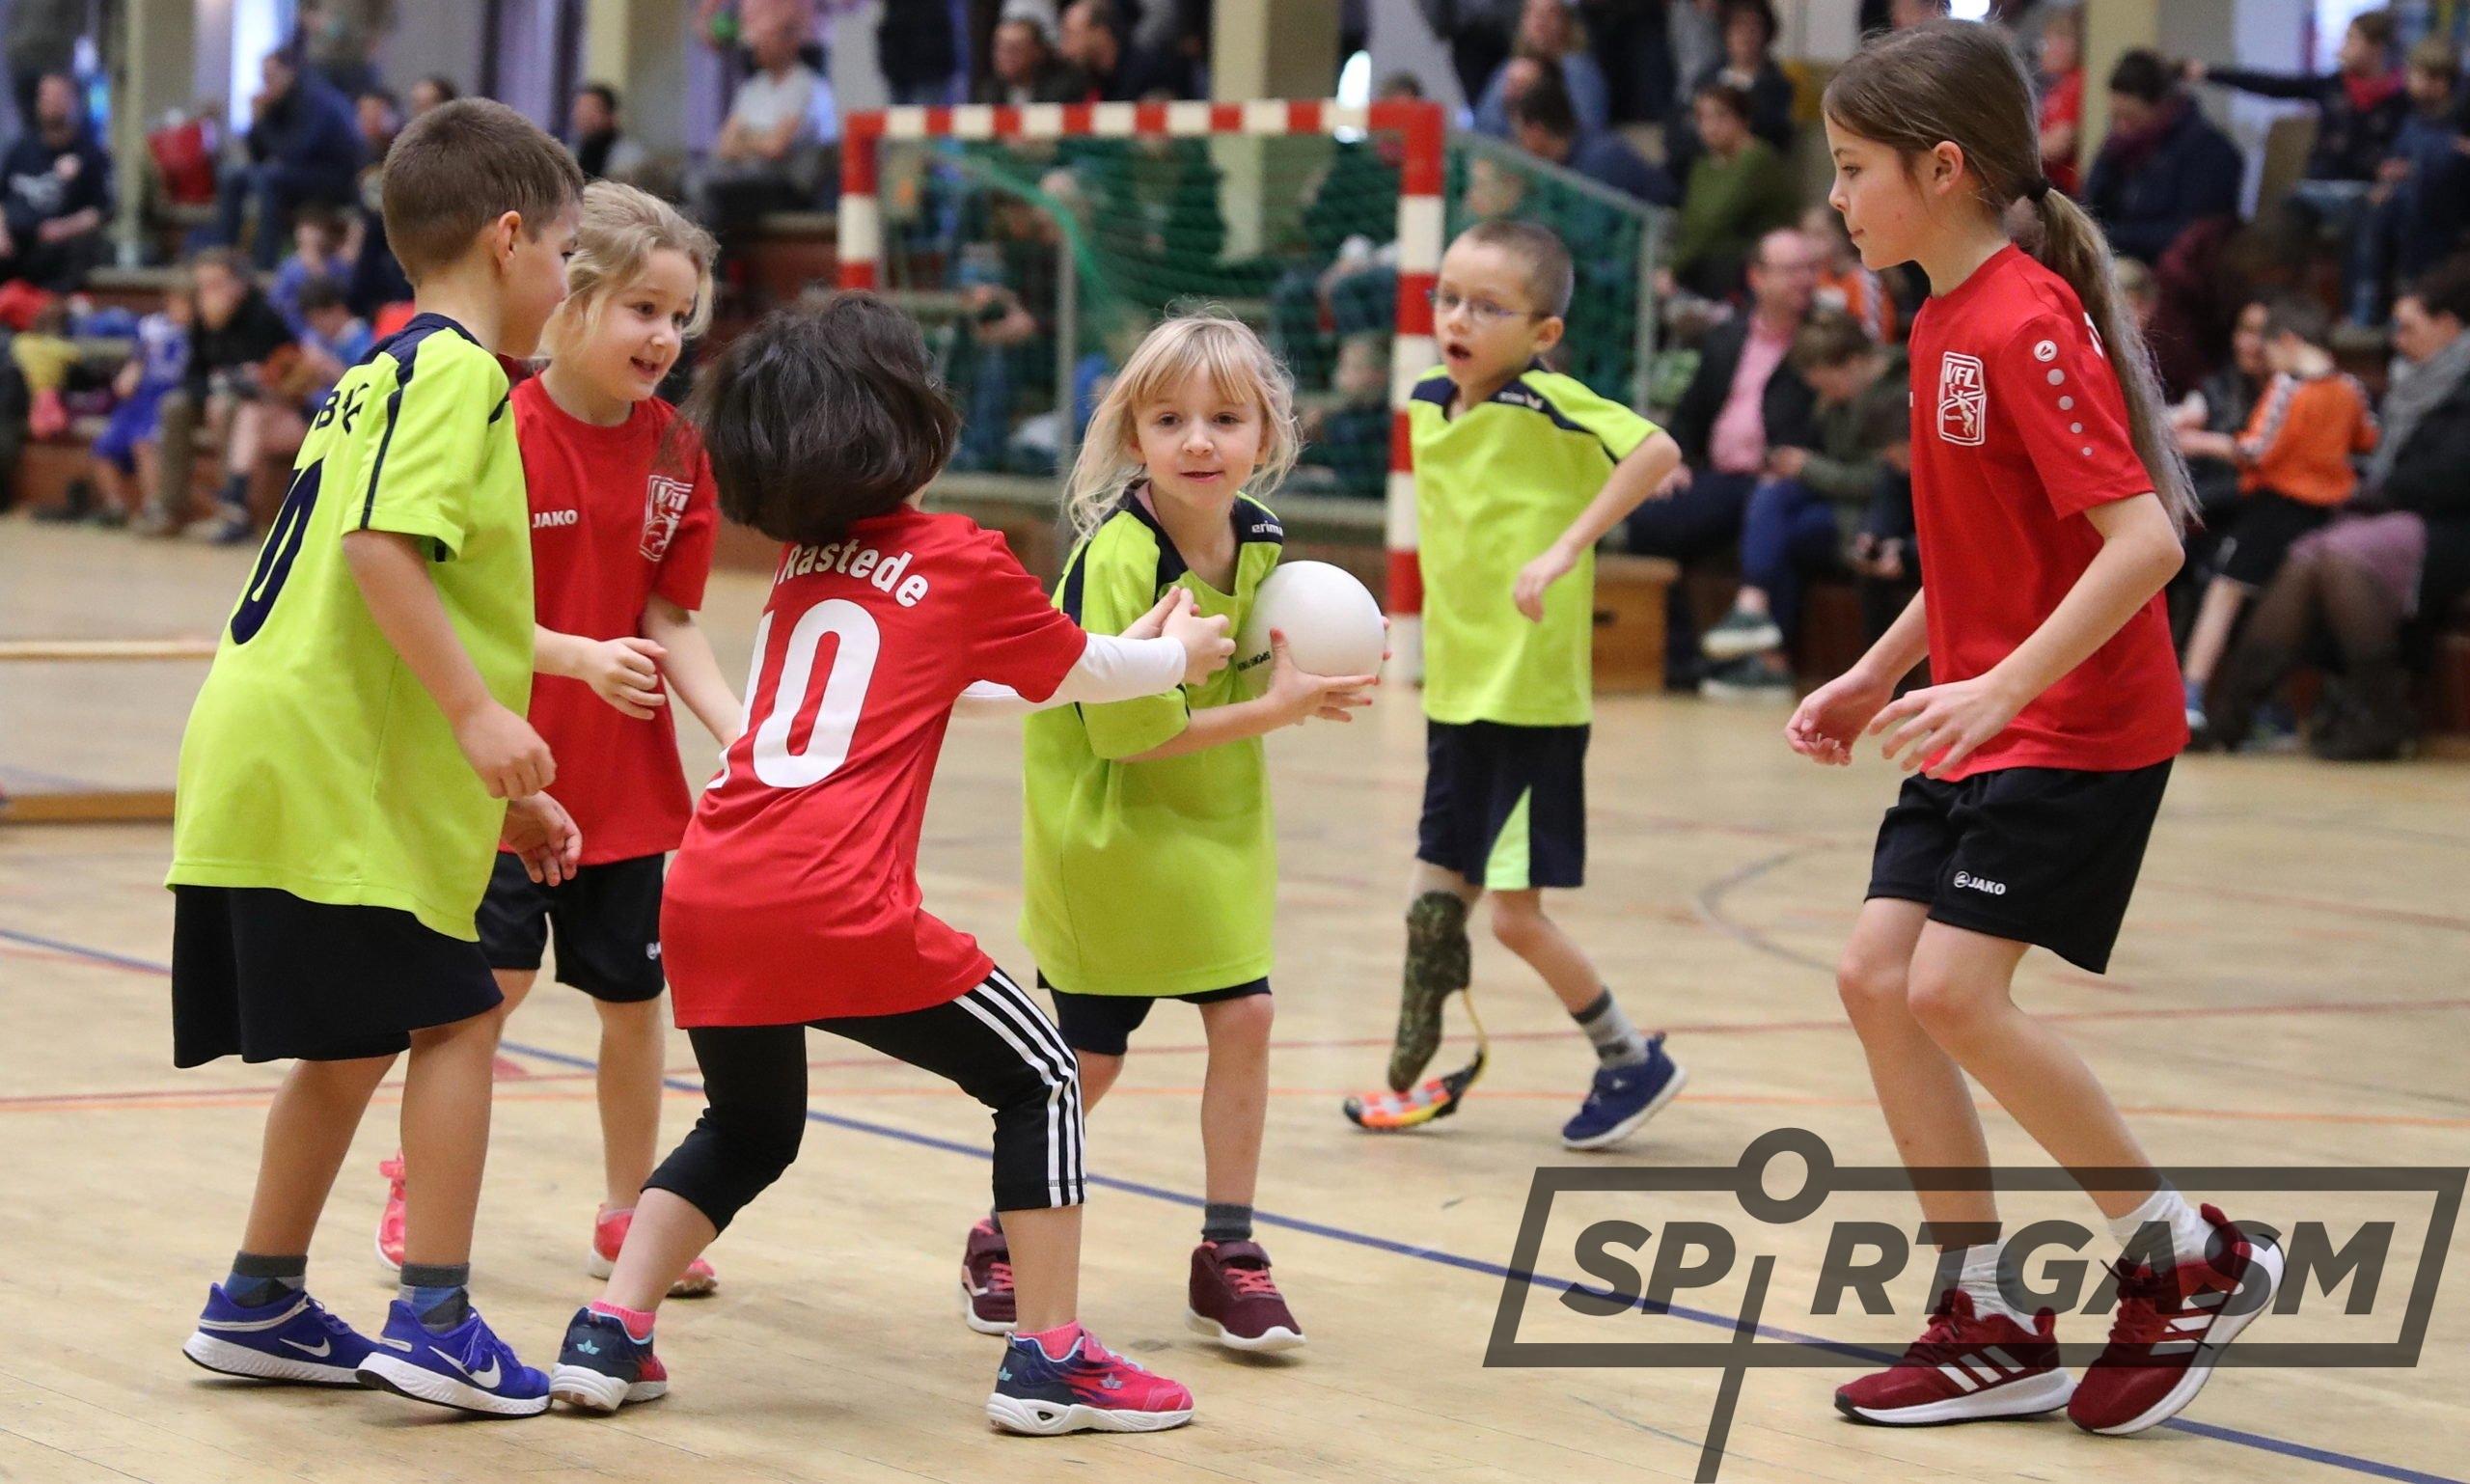 Handball Ergebnisse